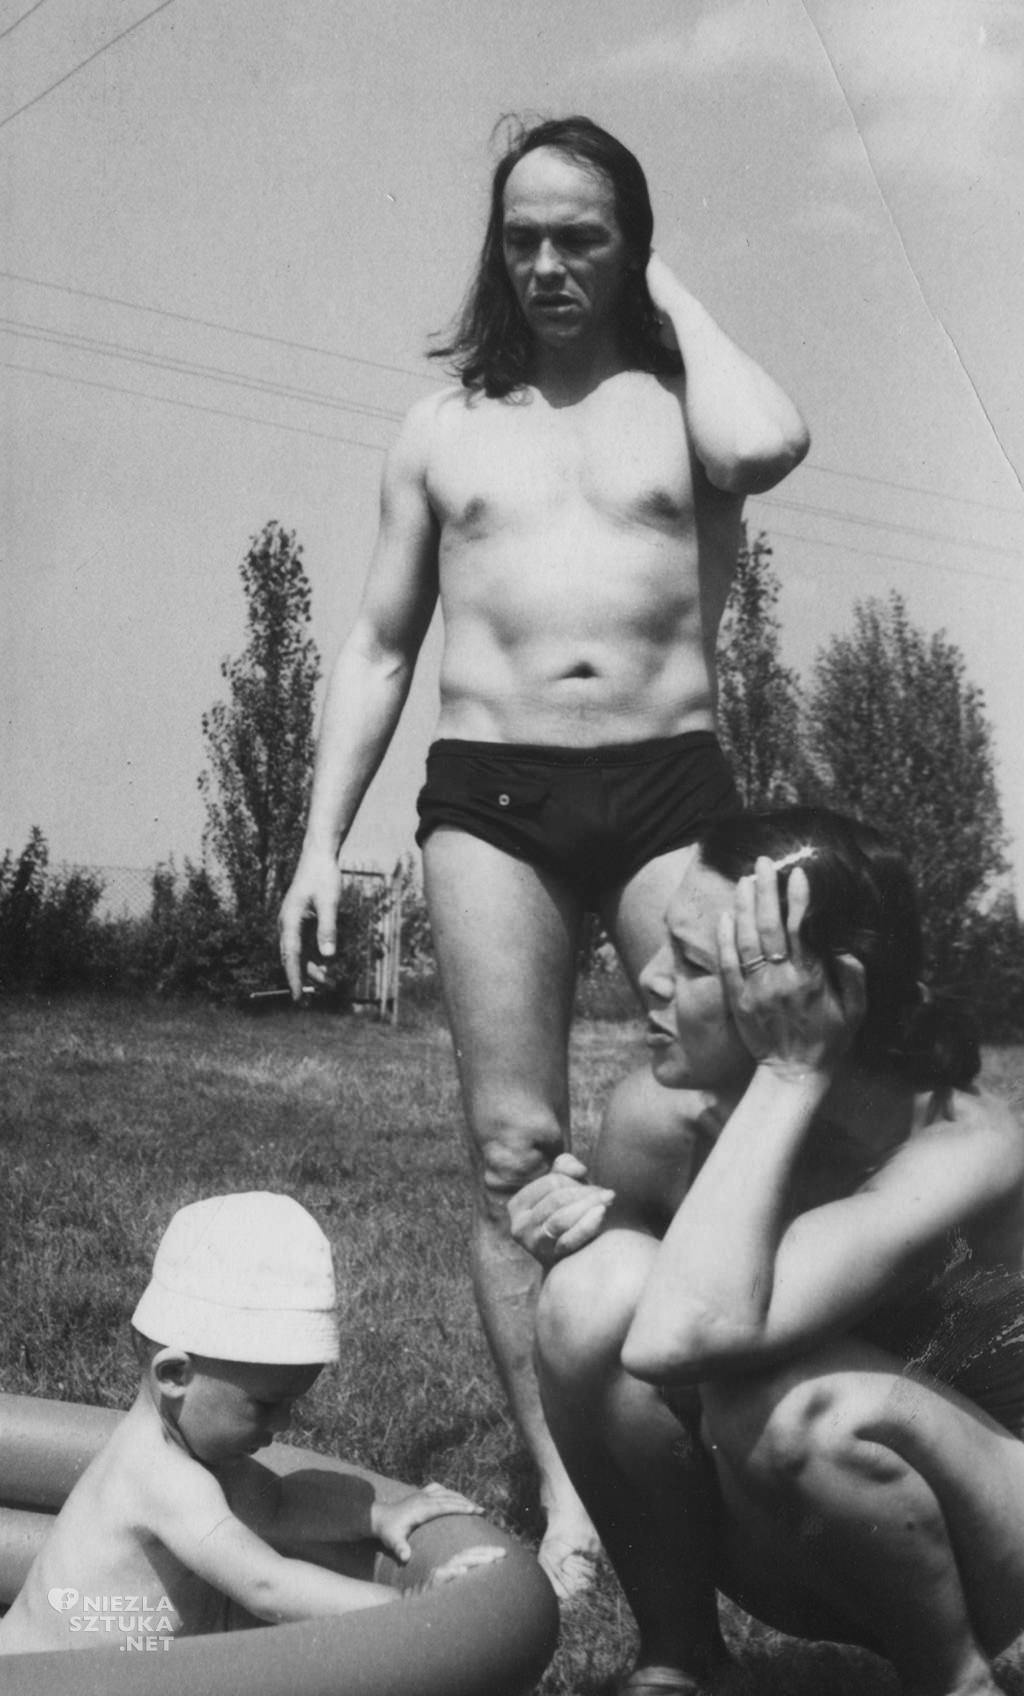 Teresa i Franciszek Starowieyscy z synem Antkiem, dzięki uprzejmości żony artysty